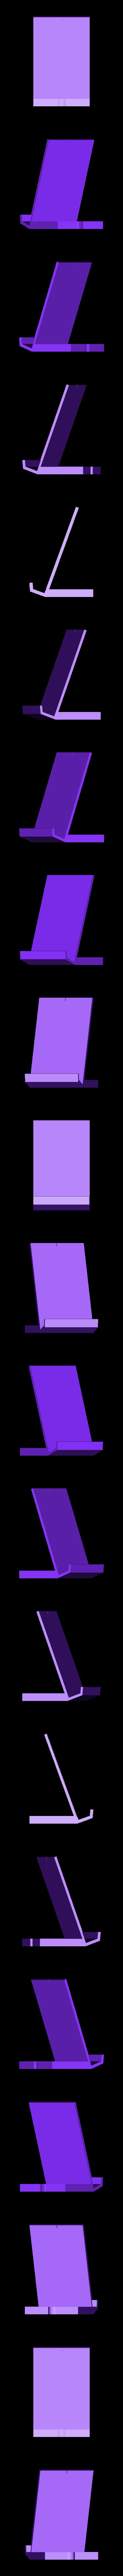 dock.stl Download STL file dock phone & watch • Model to 3D print, n256